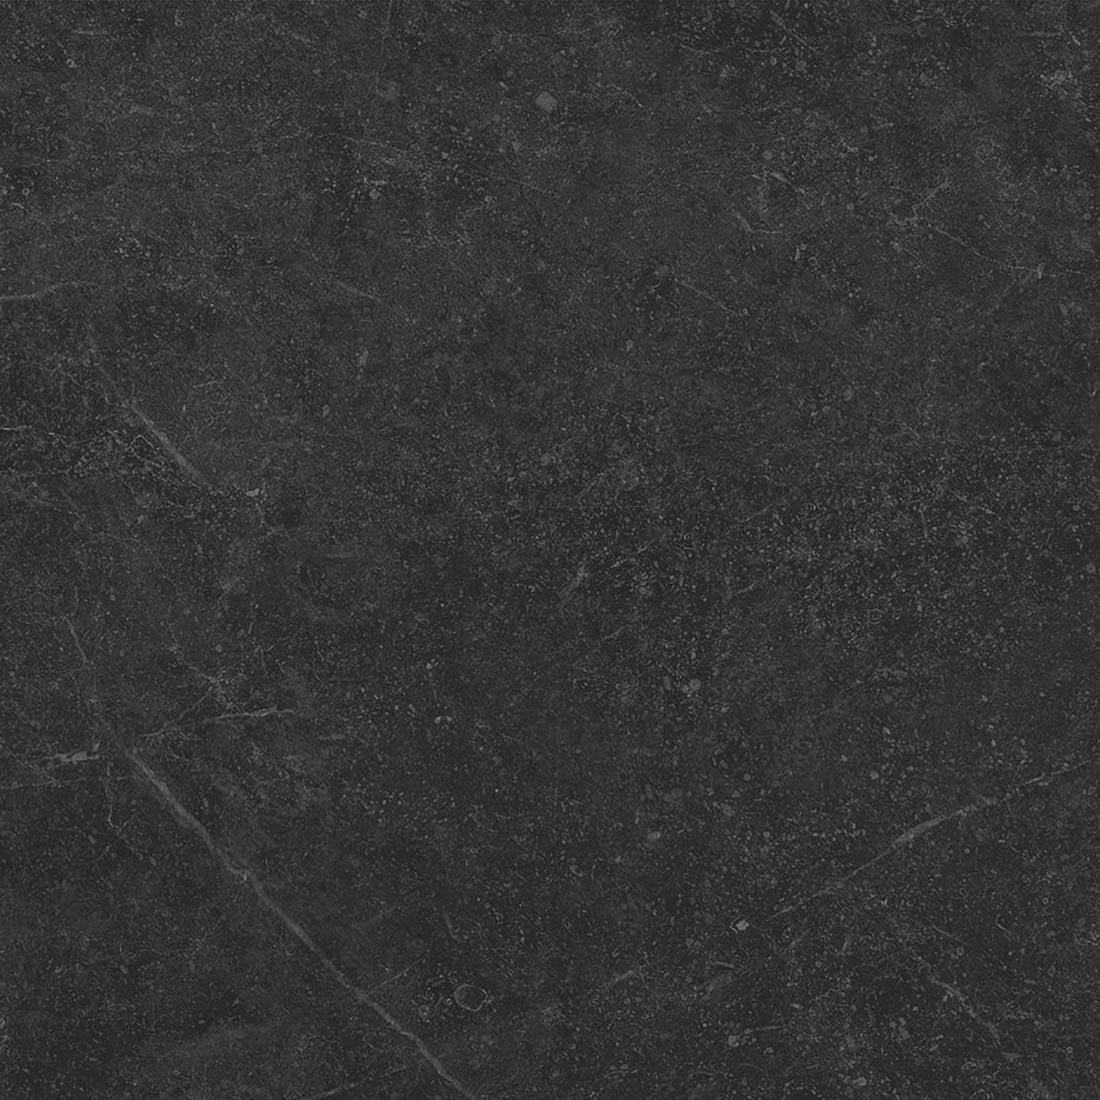 Hampton 59.5x59.5 Anthracite 1